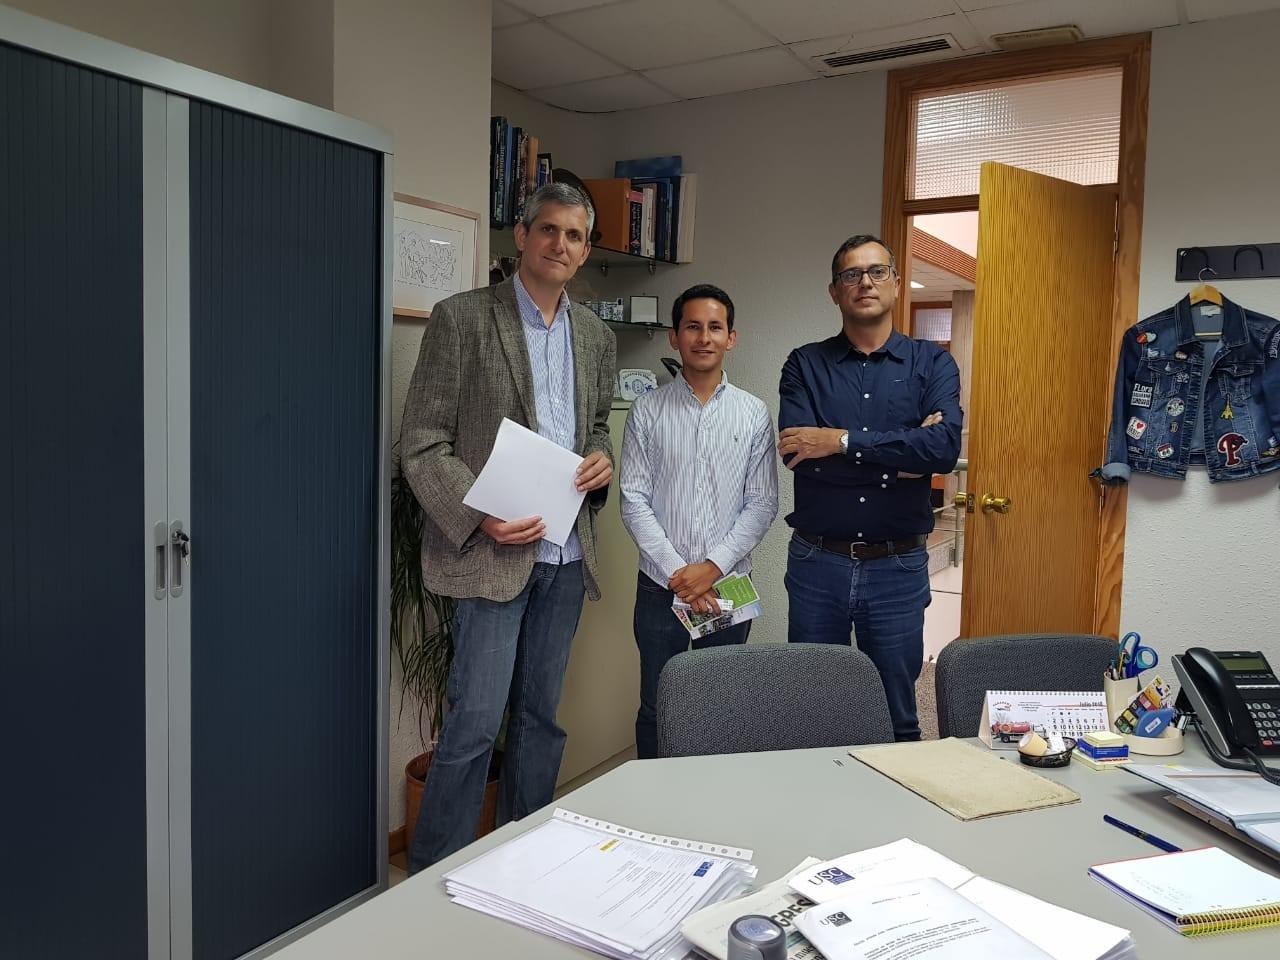 Visita del docente Juan Camilo Sánchez a la Universidad Santiago de Compostela, España